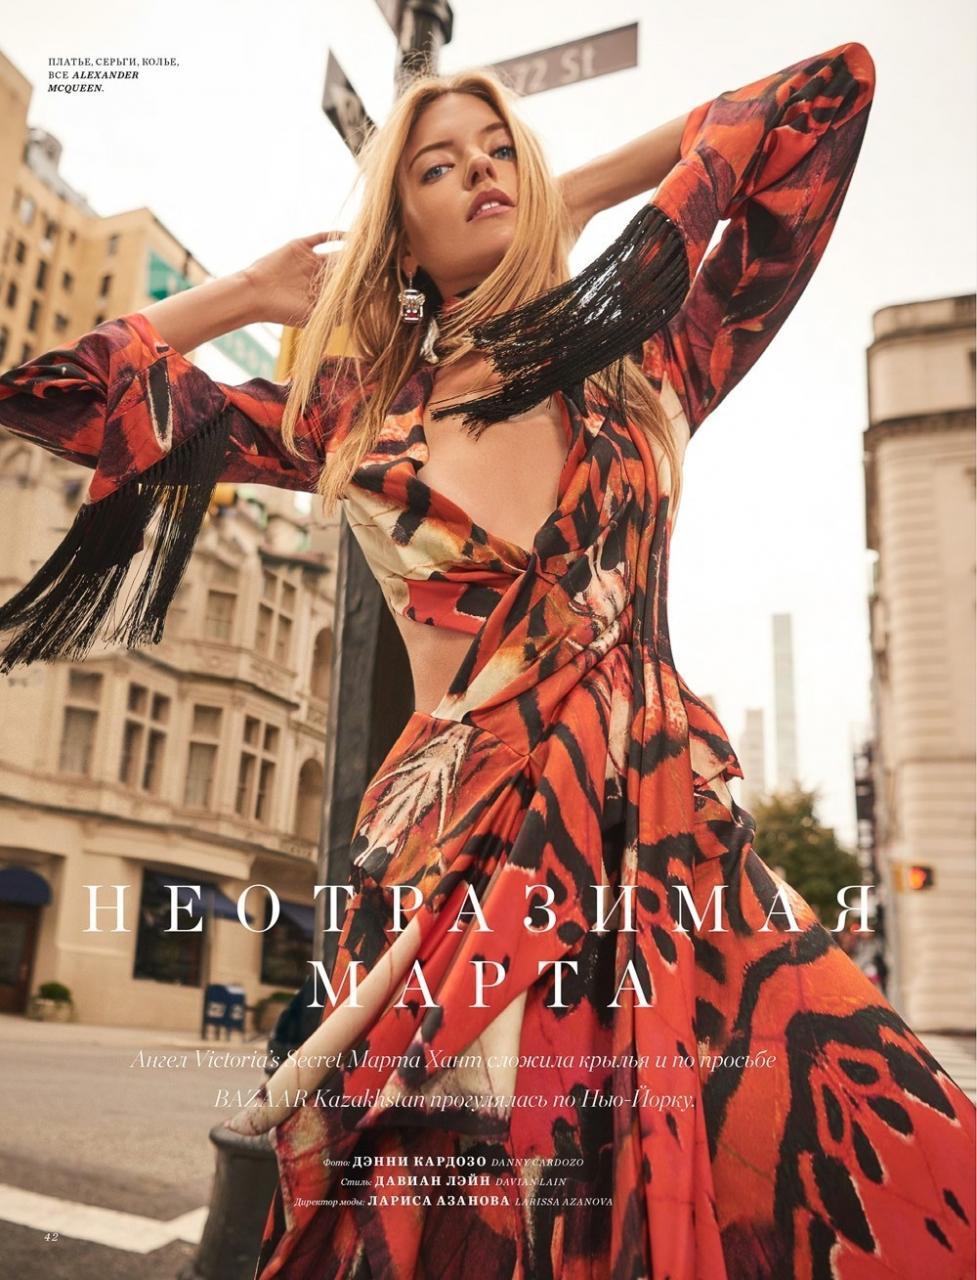 街头拍摄 哈萨克斯坦《Harper's Bazaar》11月刊 时尚图库 第1张